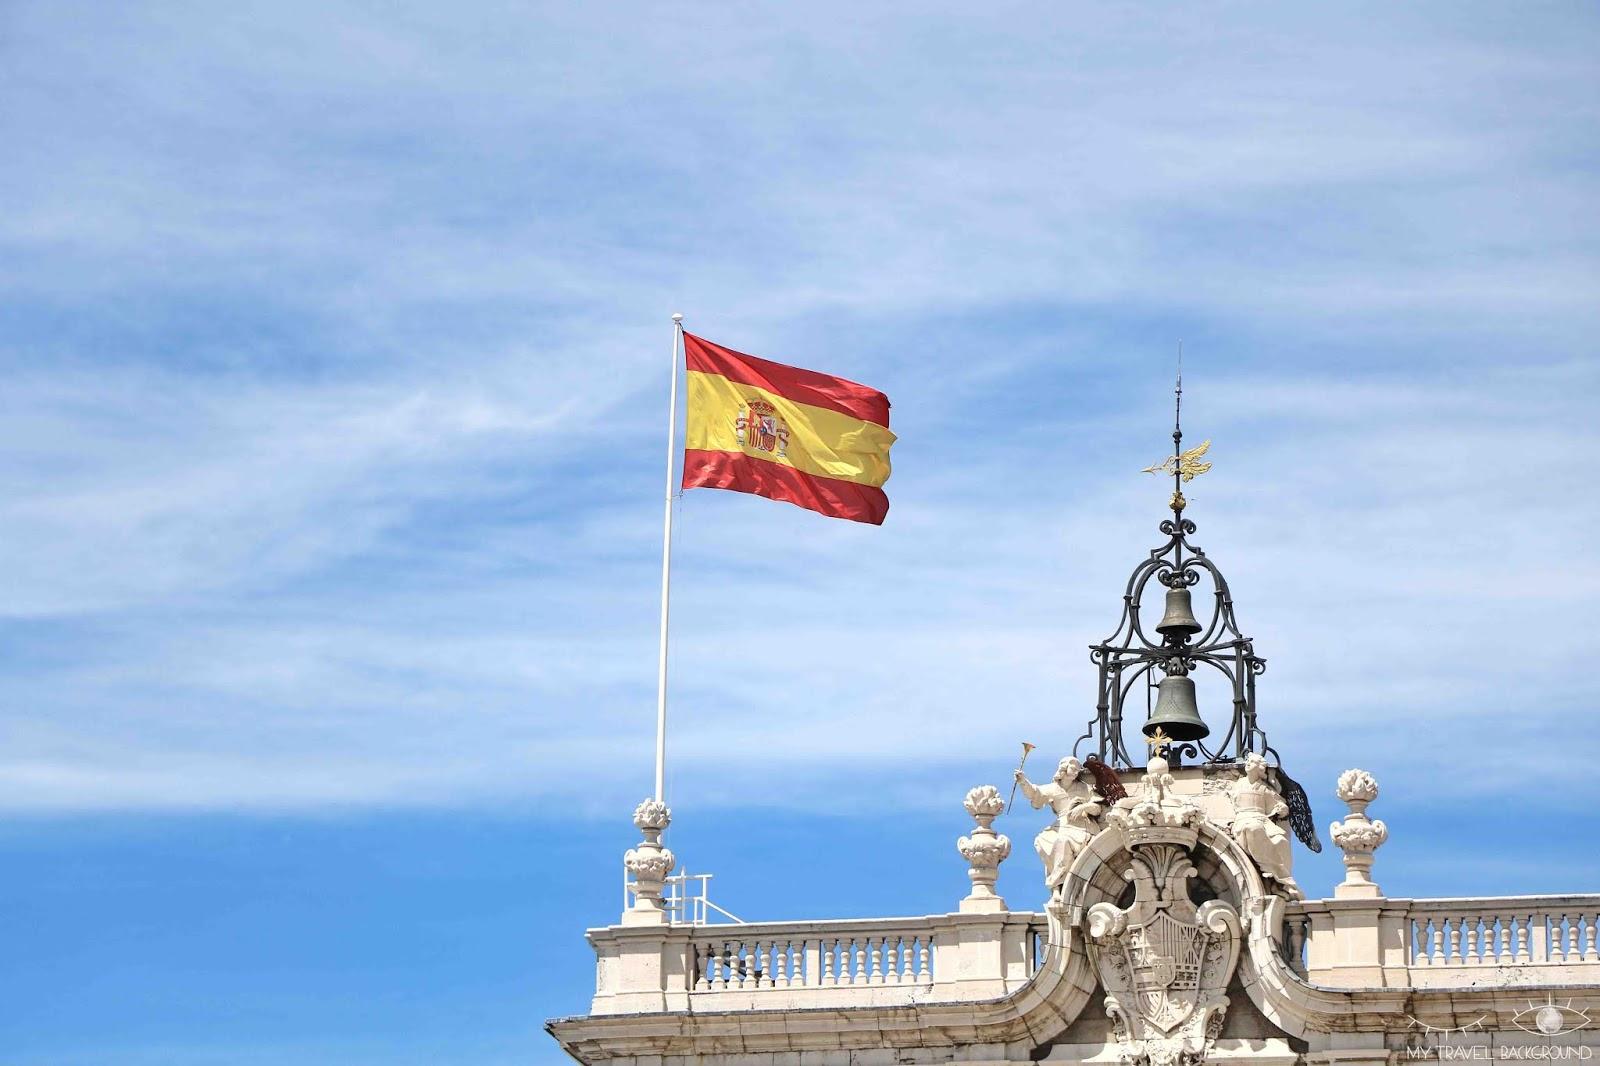 My Travel Background : mon road trip de 10 jours en Andalousie, Espagne : itinéraire et infos pratiques